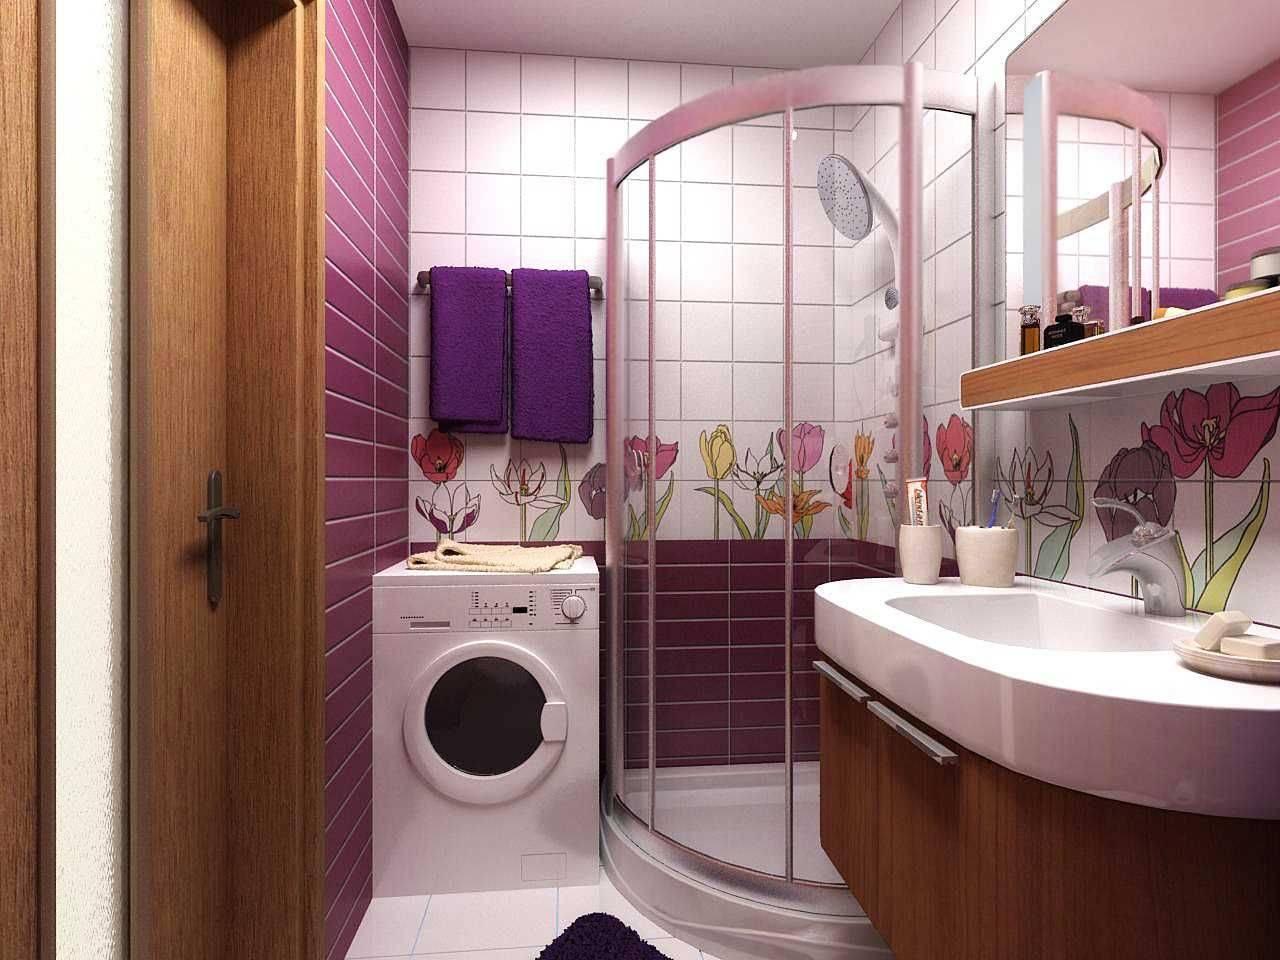 Ванная 6 кв. м.: дизайн небольшой ванной и особенности создания необходимых удобств (80 фото)